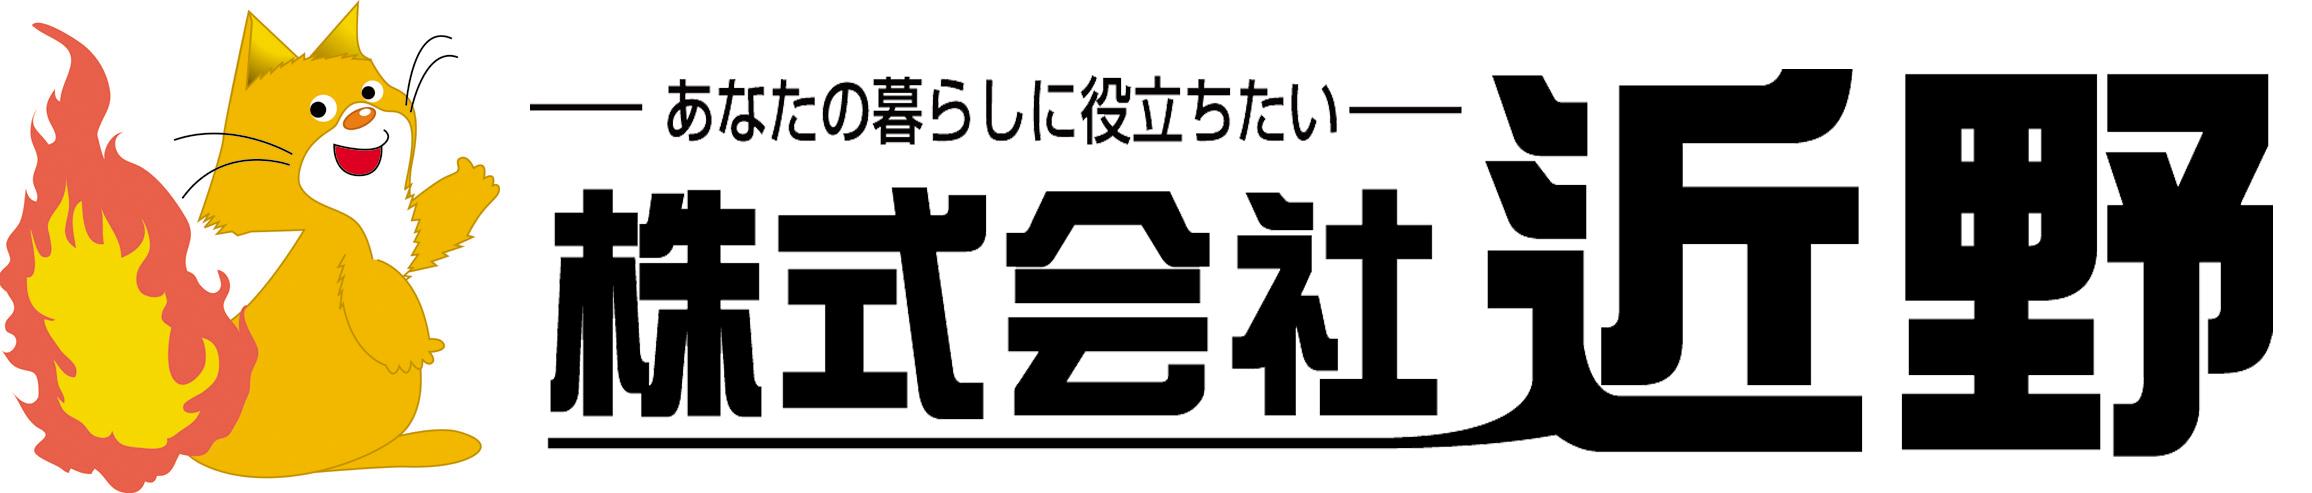 株式会社近野/米沢市